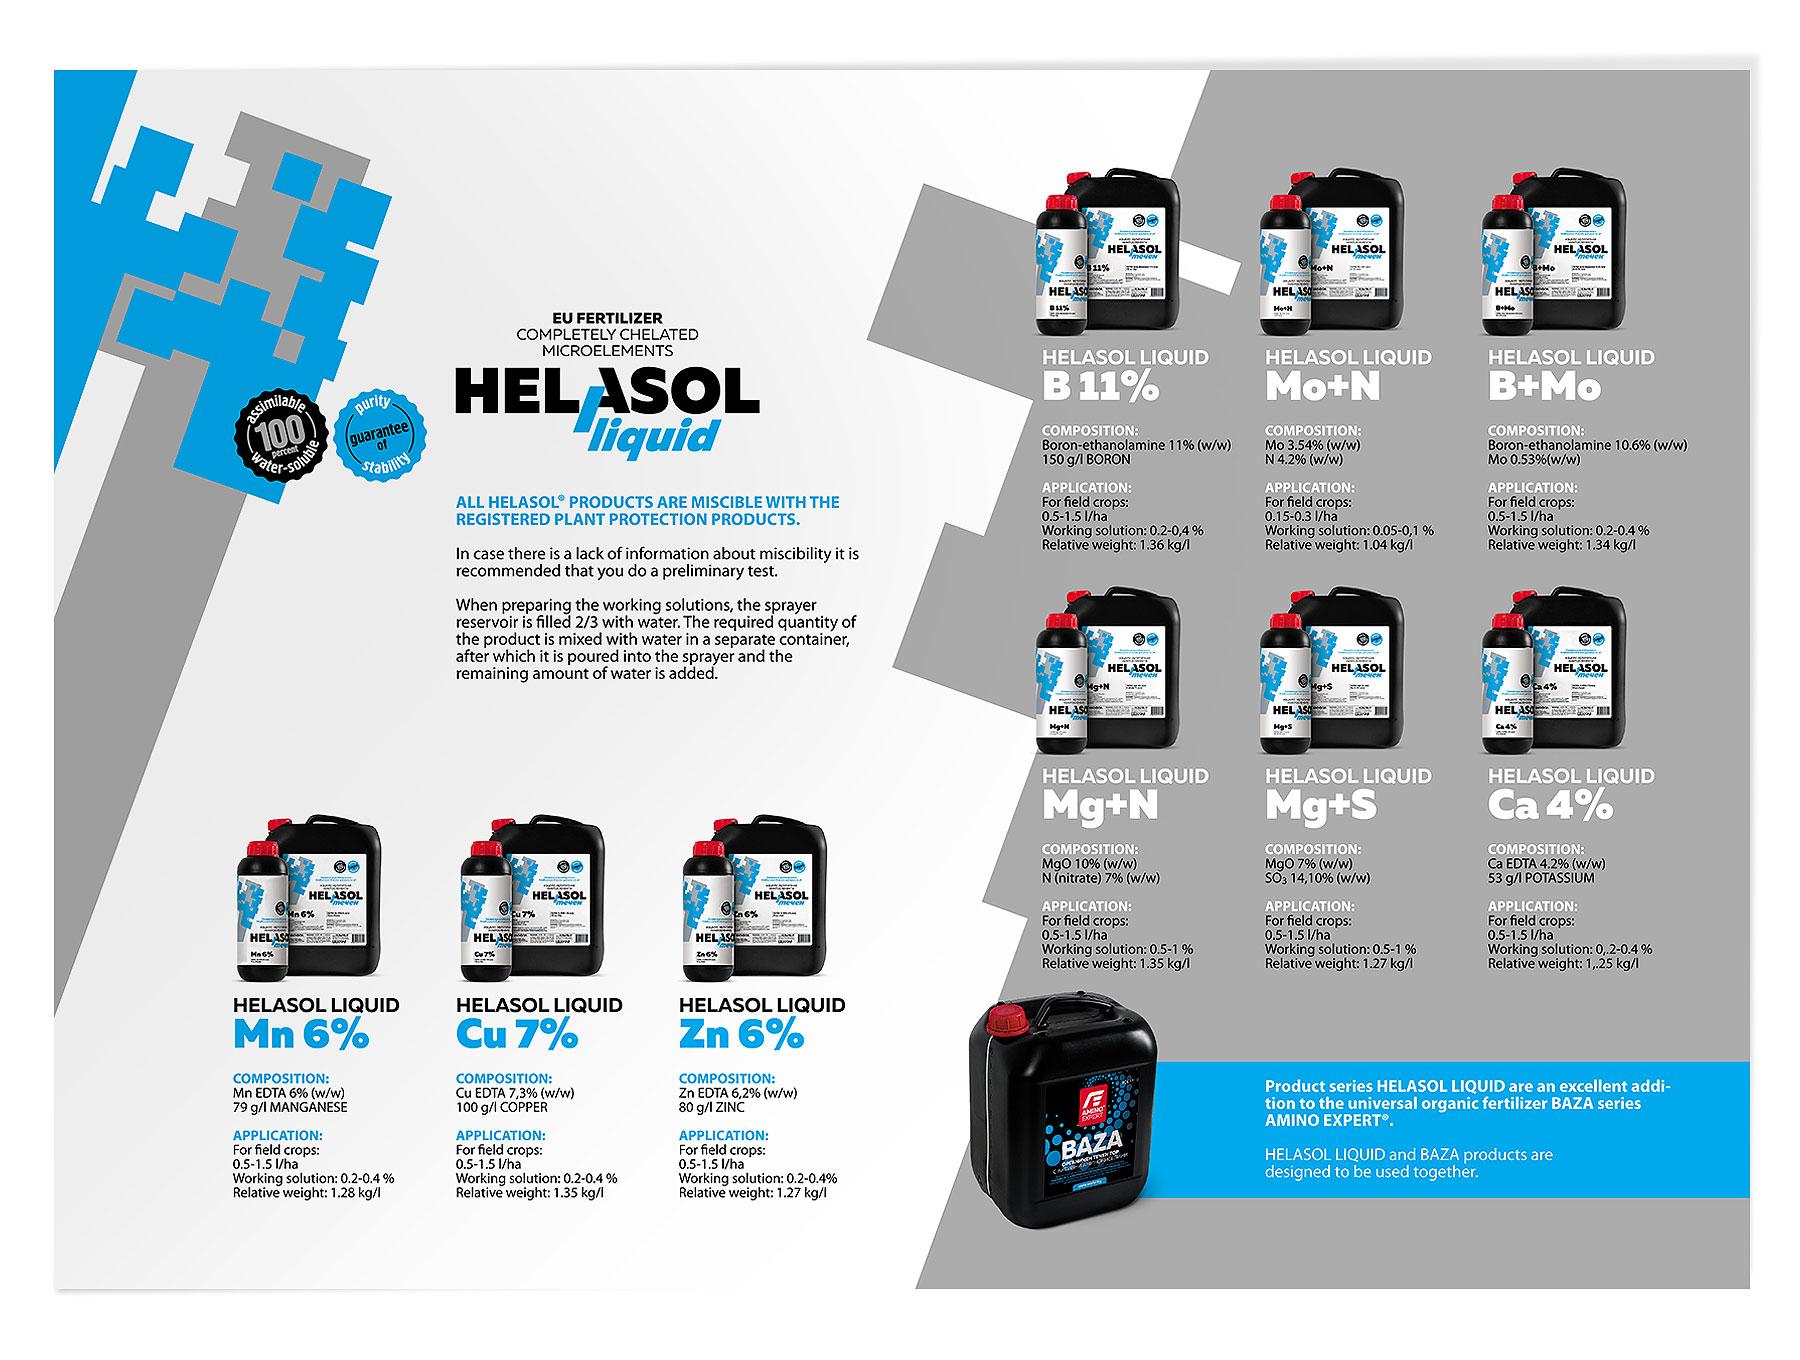 Рекламно-информационна дипляна за продуктите с марка Helasol.